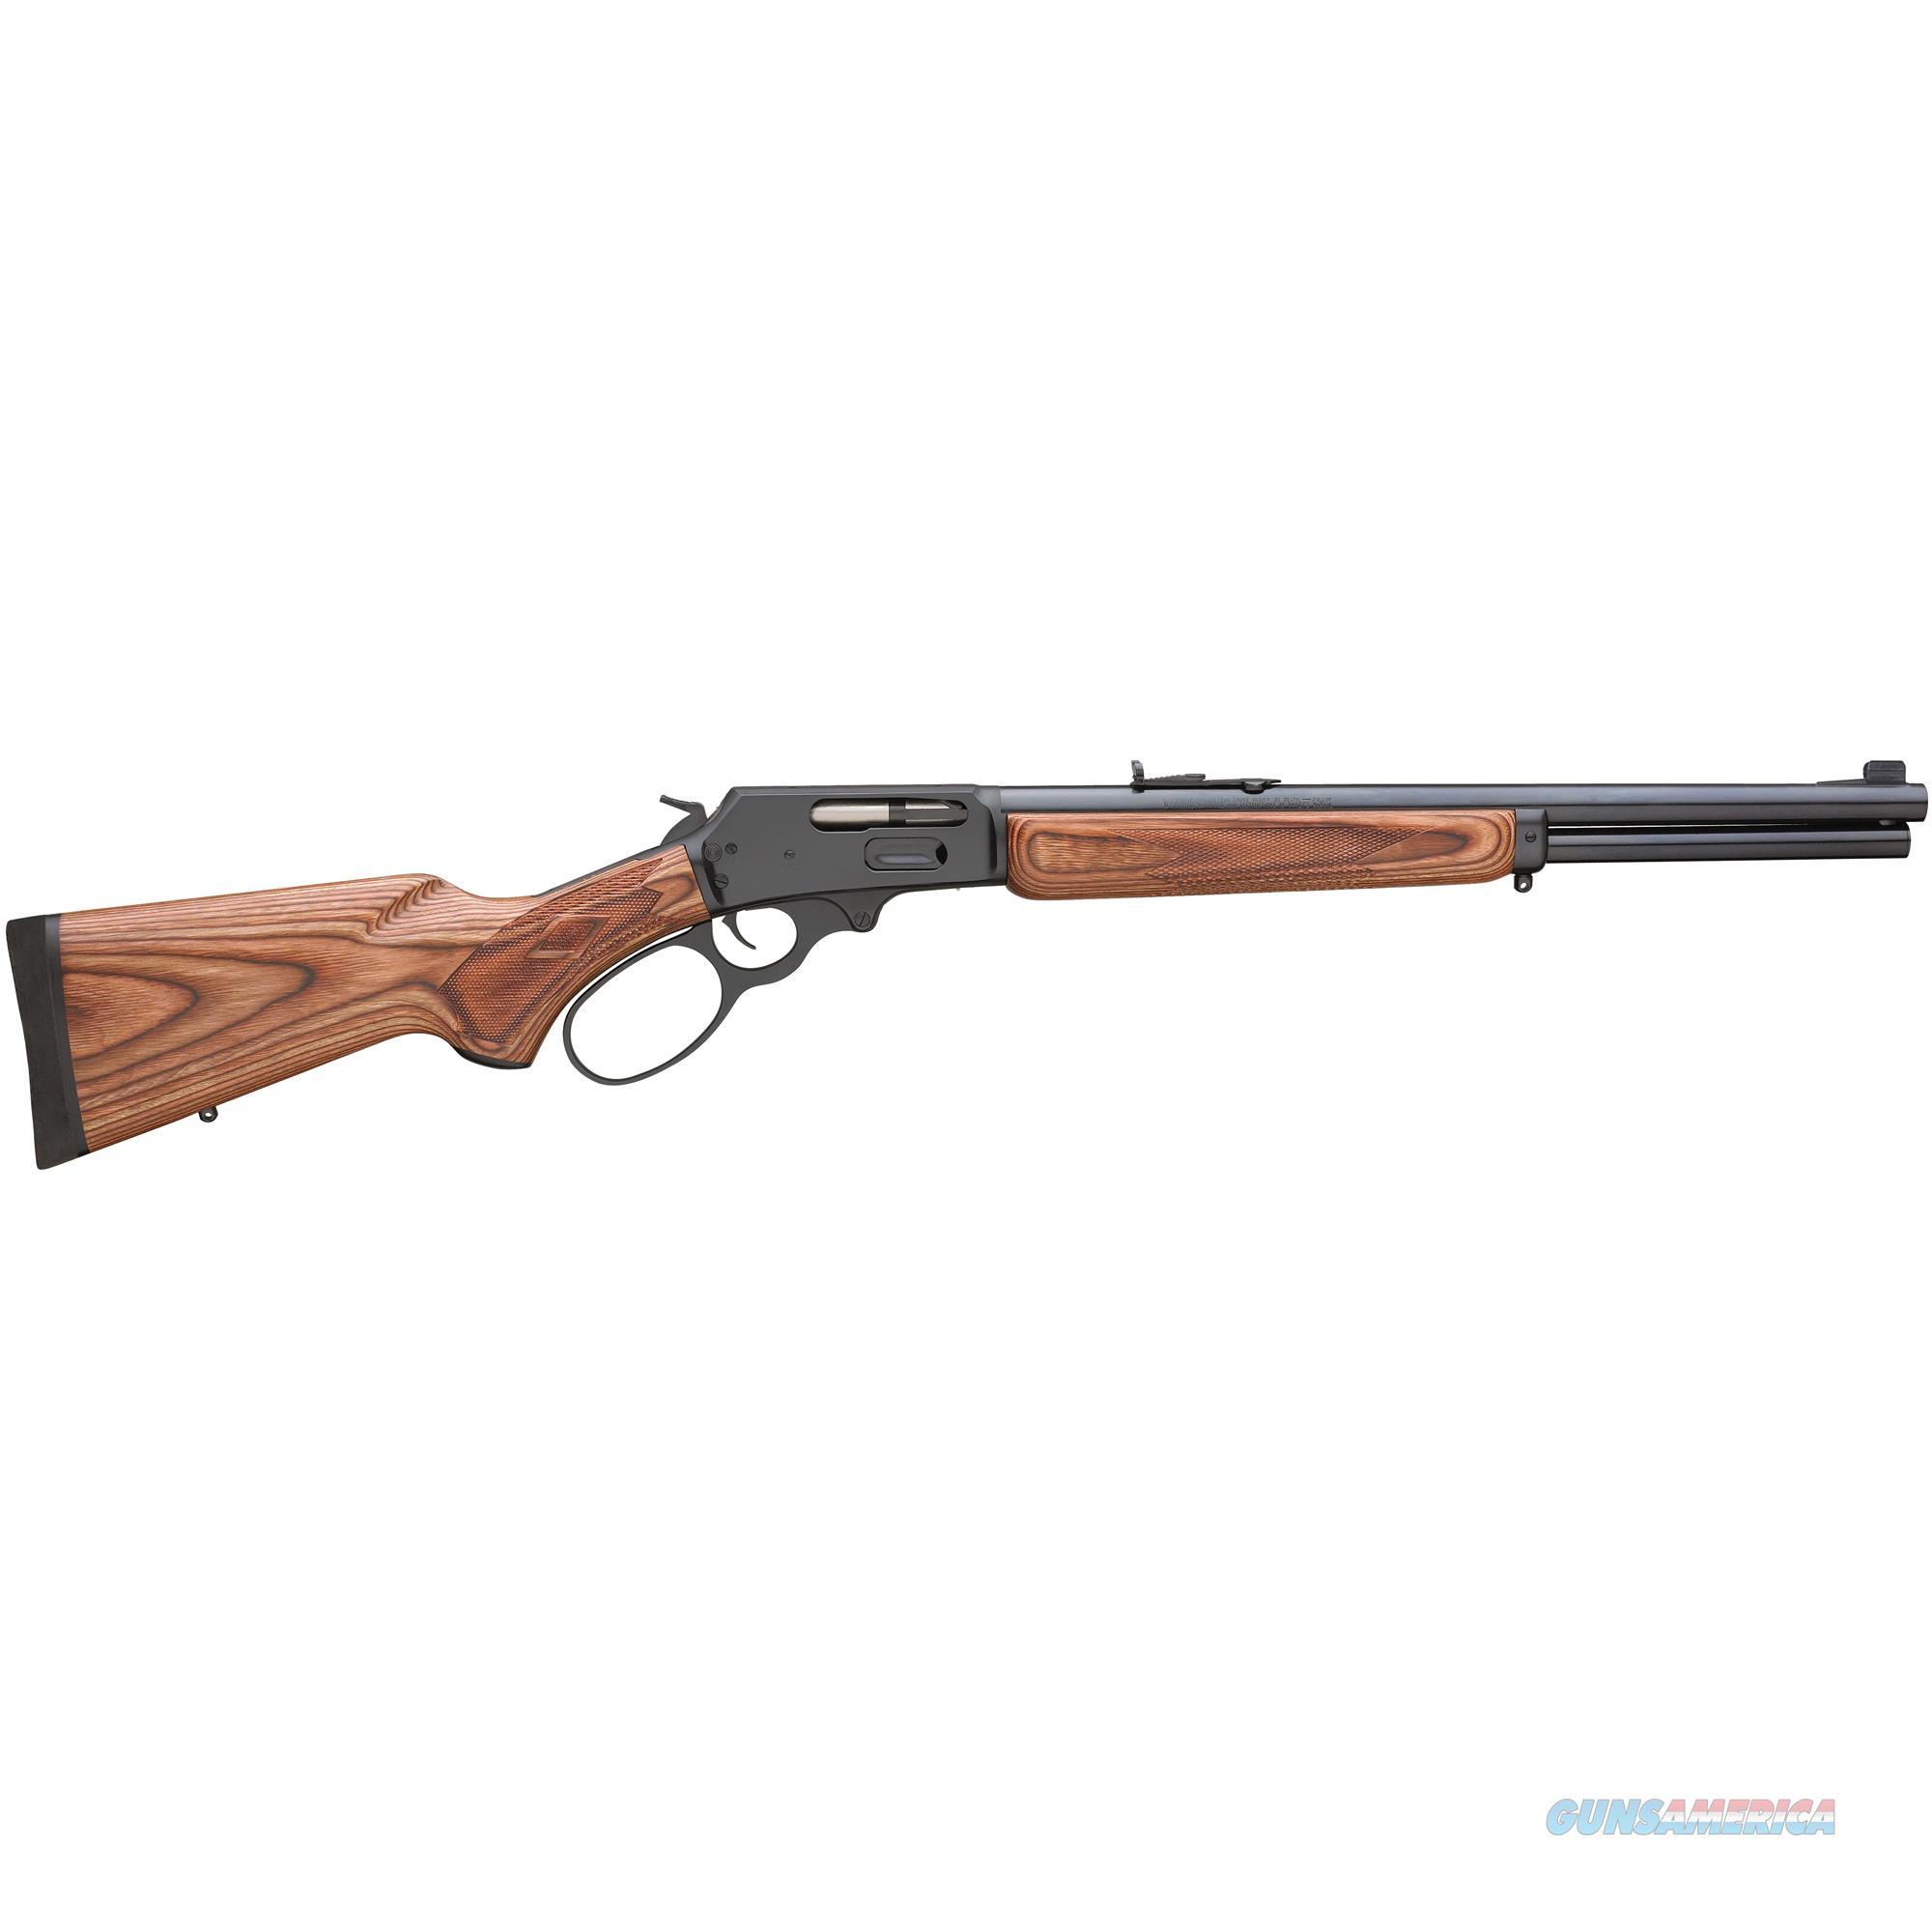 """Marlin 1895GBL Big Loop Lever Action 45-70 18.5"""" barrel 6+1 cap $695 NIB  Guns > Rifles > Marlin Rifles > Modern > Lever Action"""